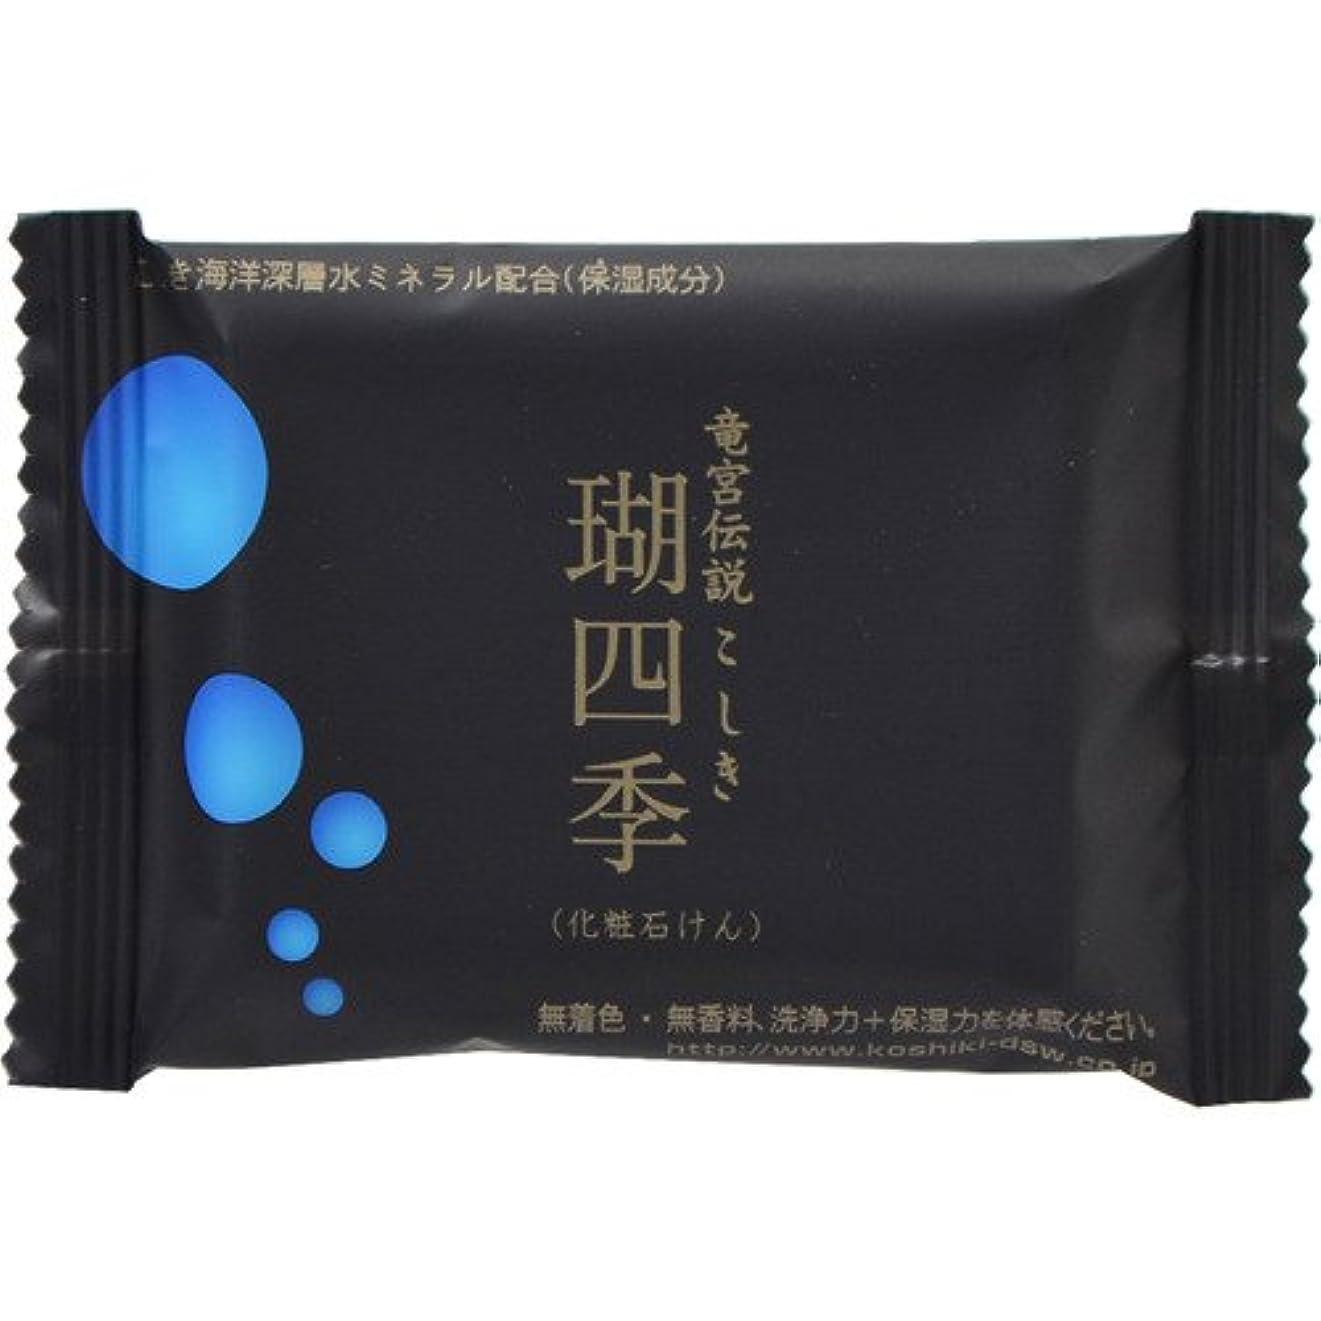 マニア反逆者リーダーシップ瑚四季 化粧石鹸 30g